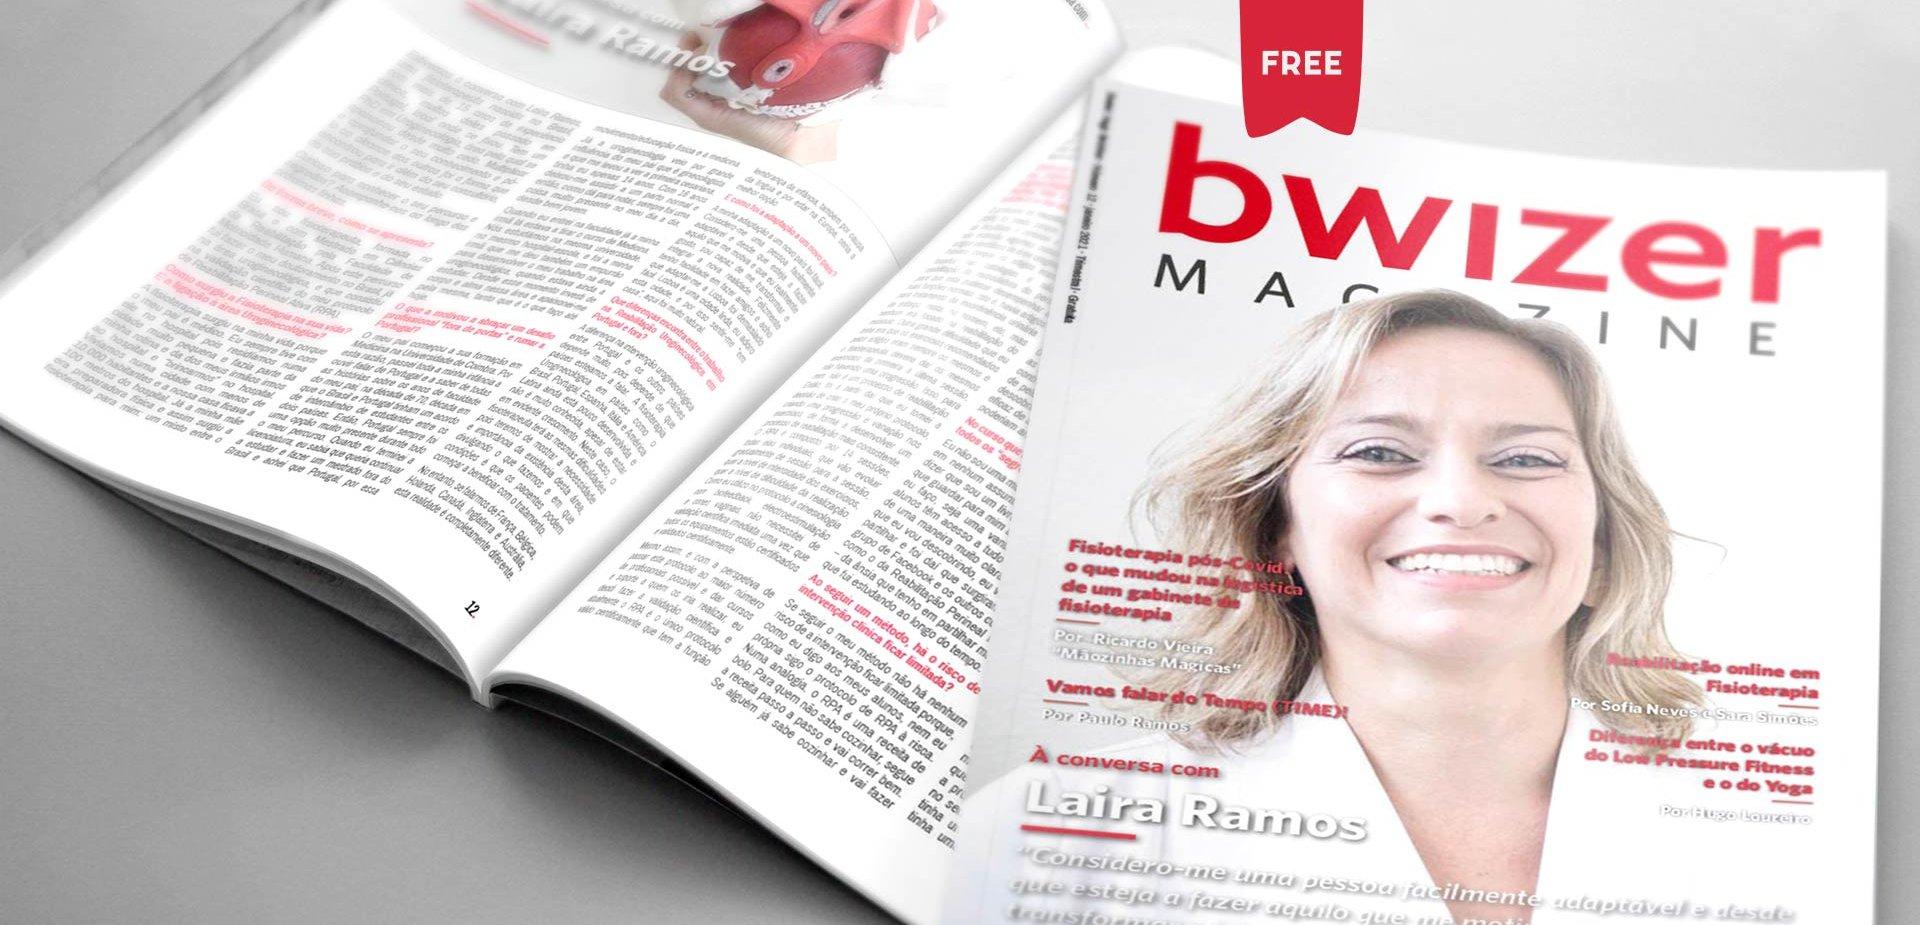 Bwizer Magazine - 12ª edição da Revista